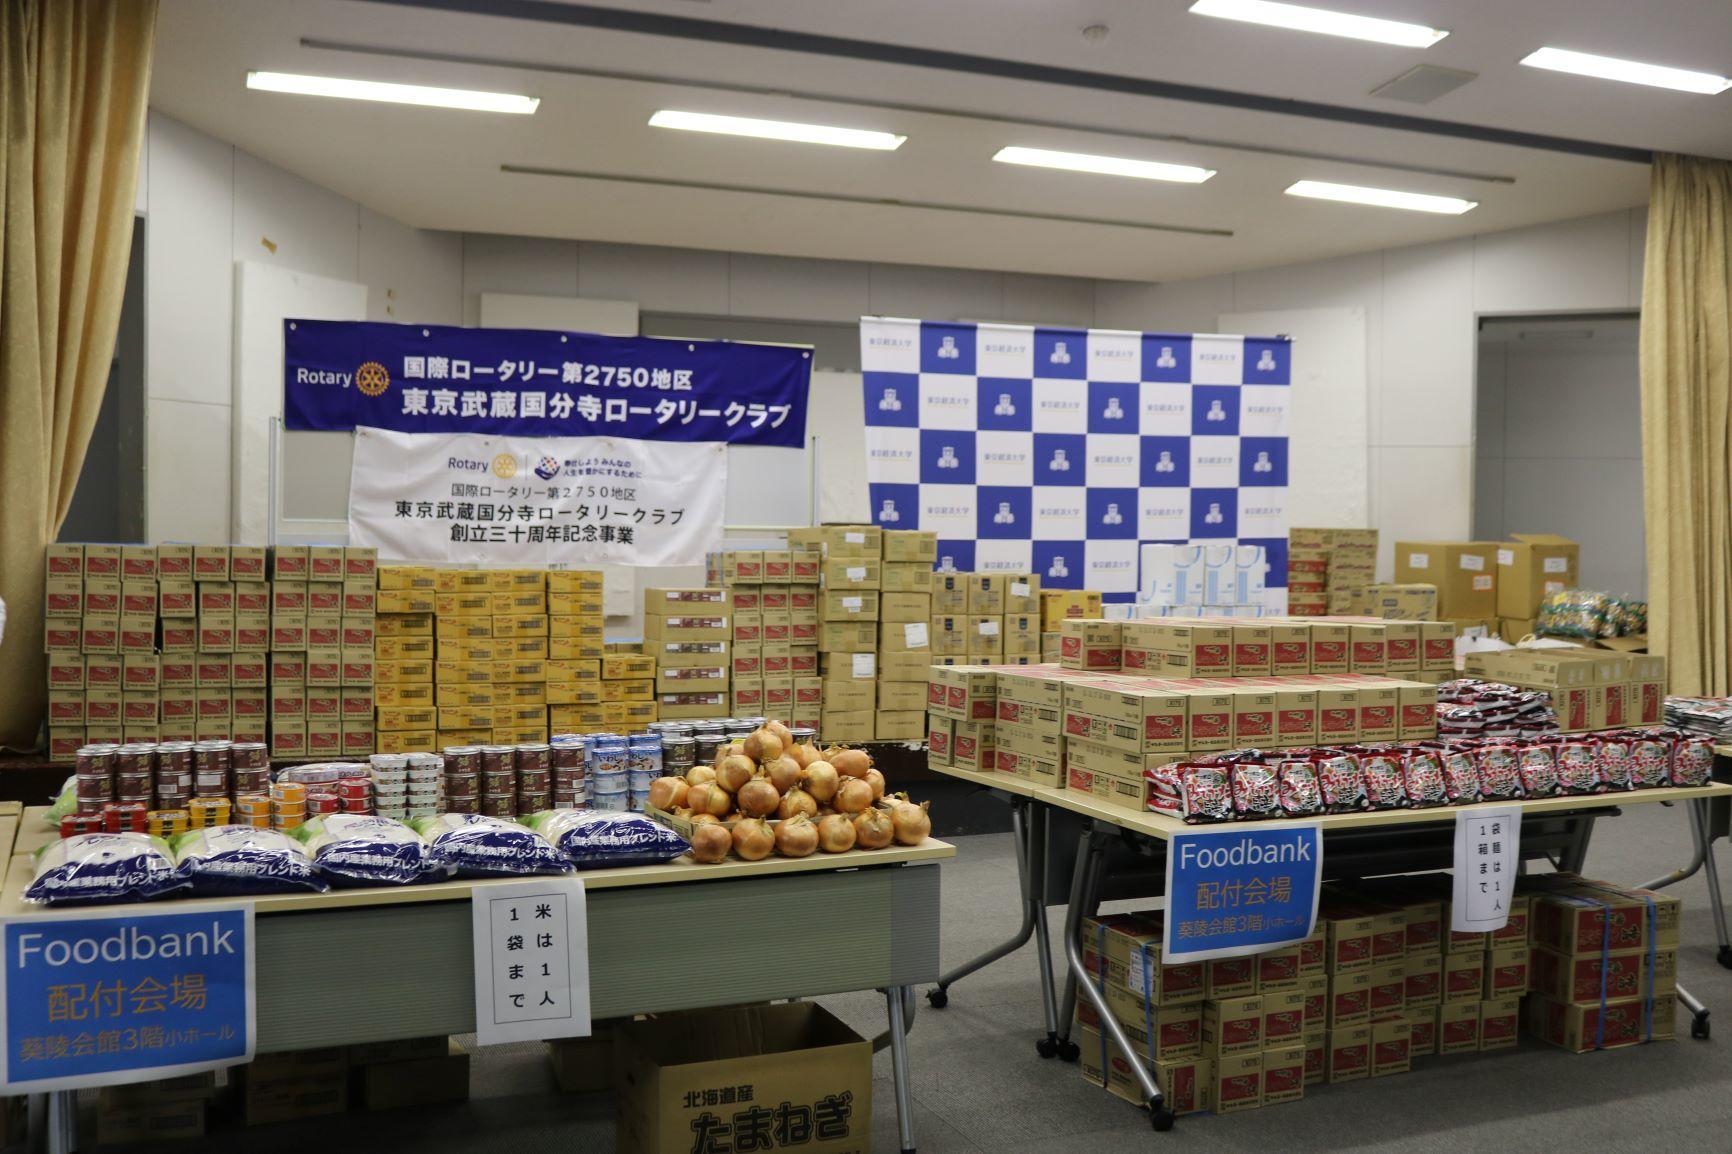 フードバンクでコロナで困窮する学生を支援 -- 東京経済大学